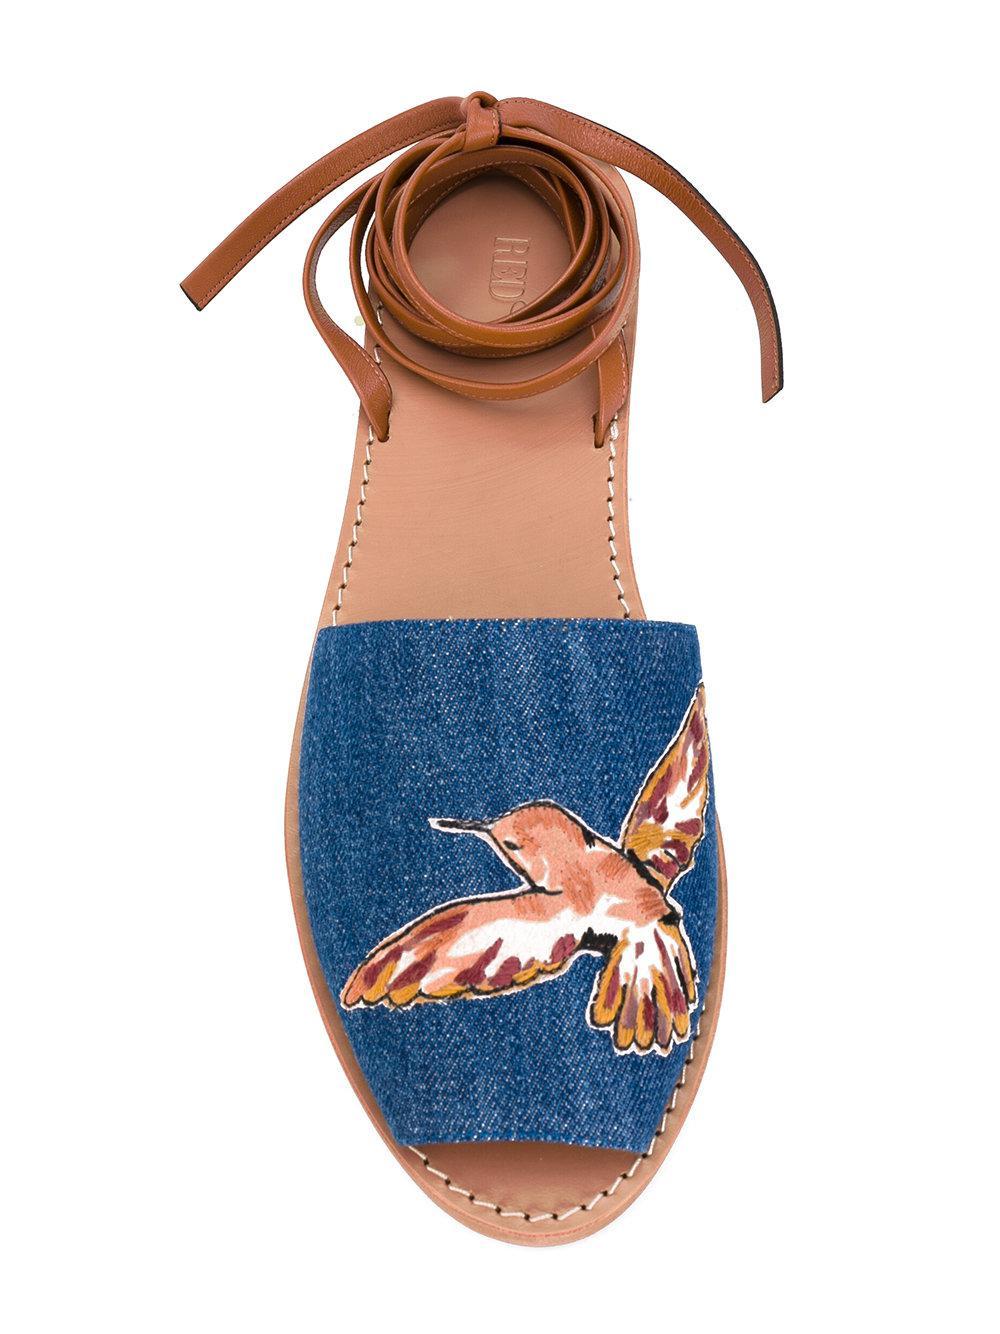 Sandales Rouges De Contraste Valentino - Bleu vaPuFWXn